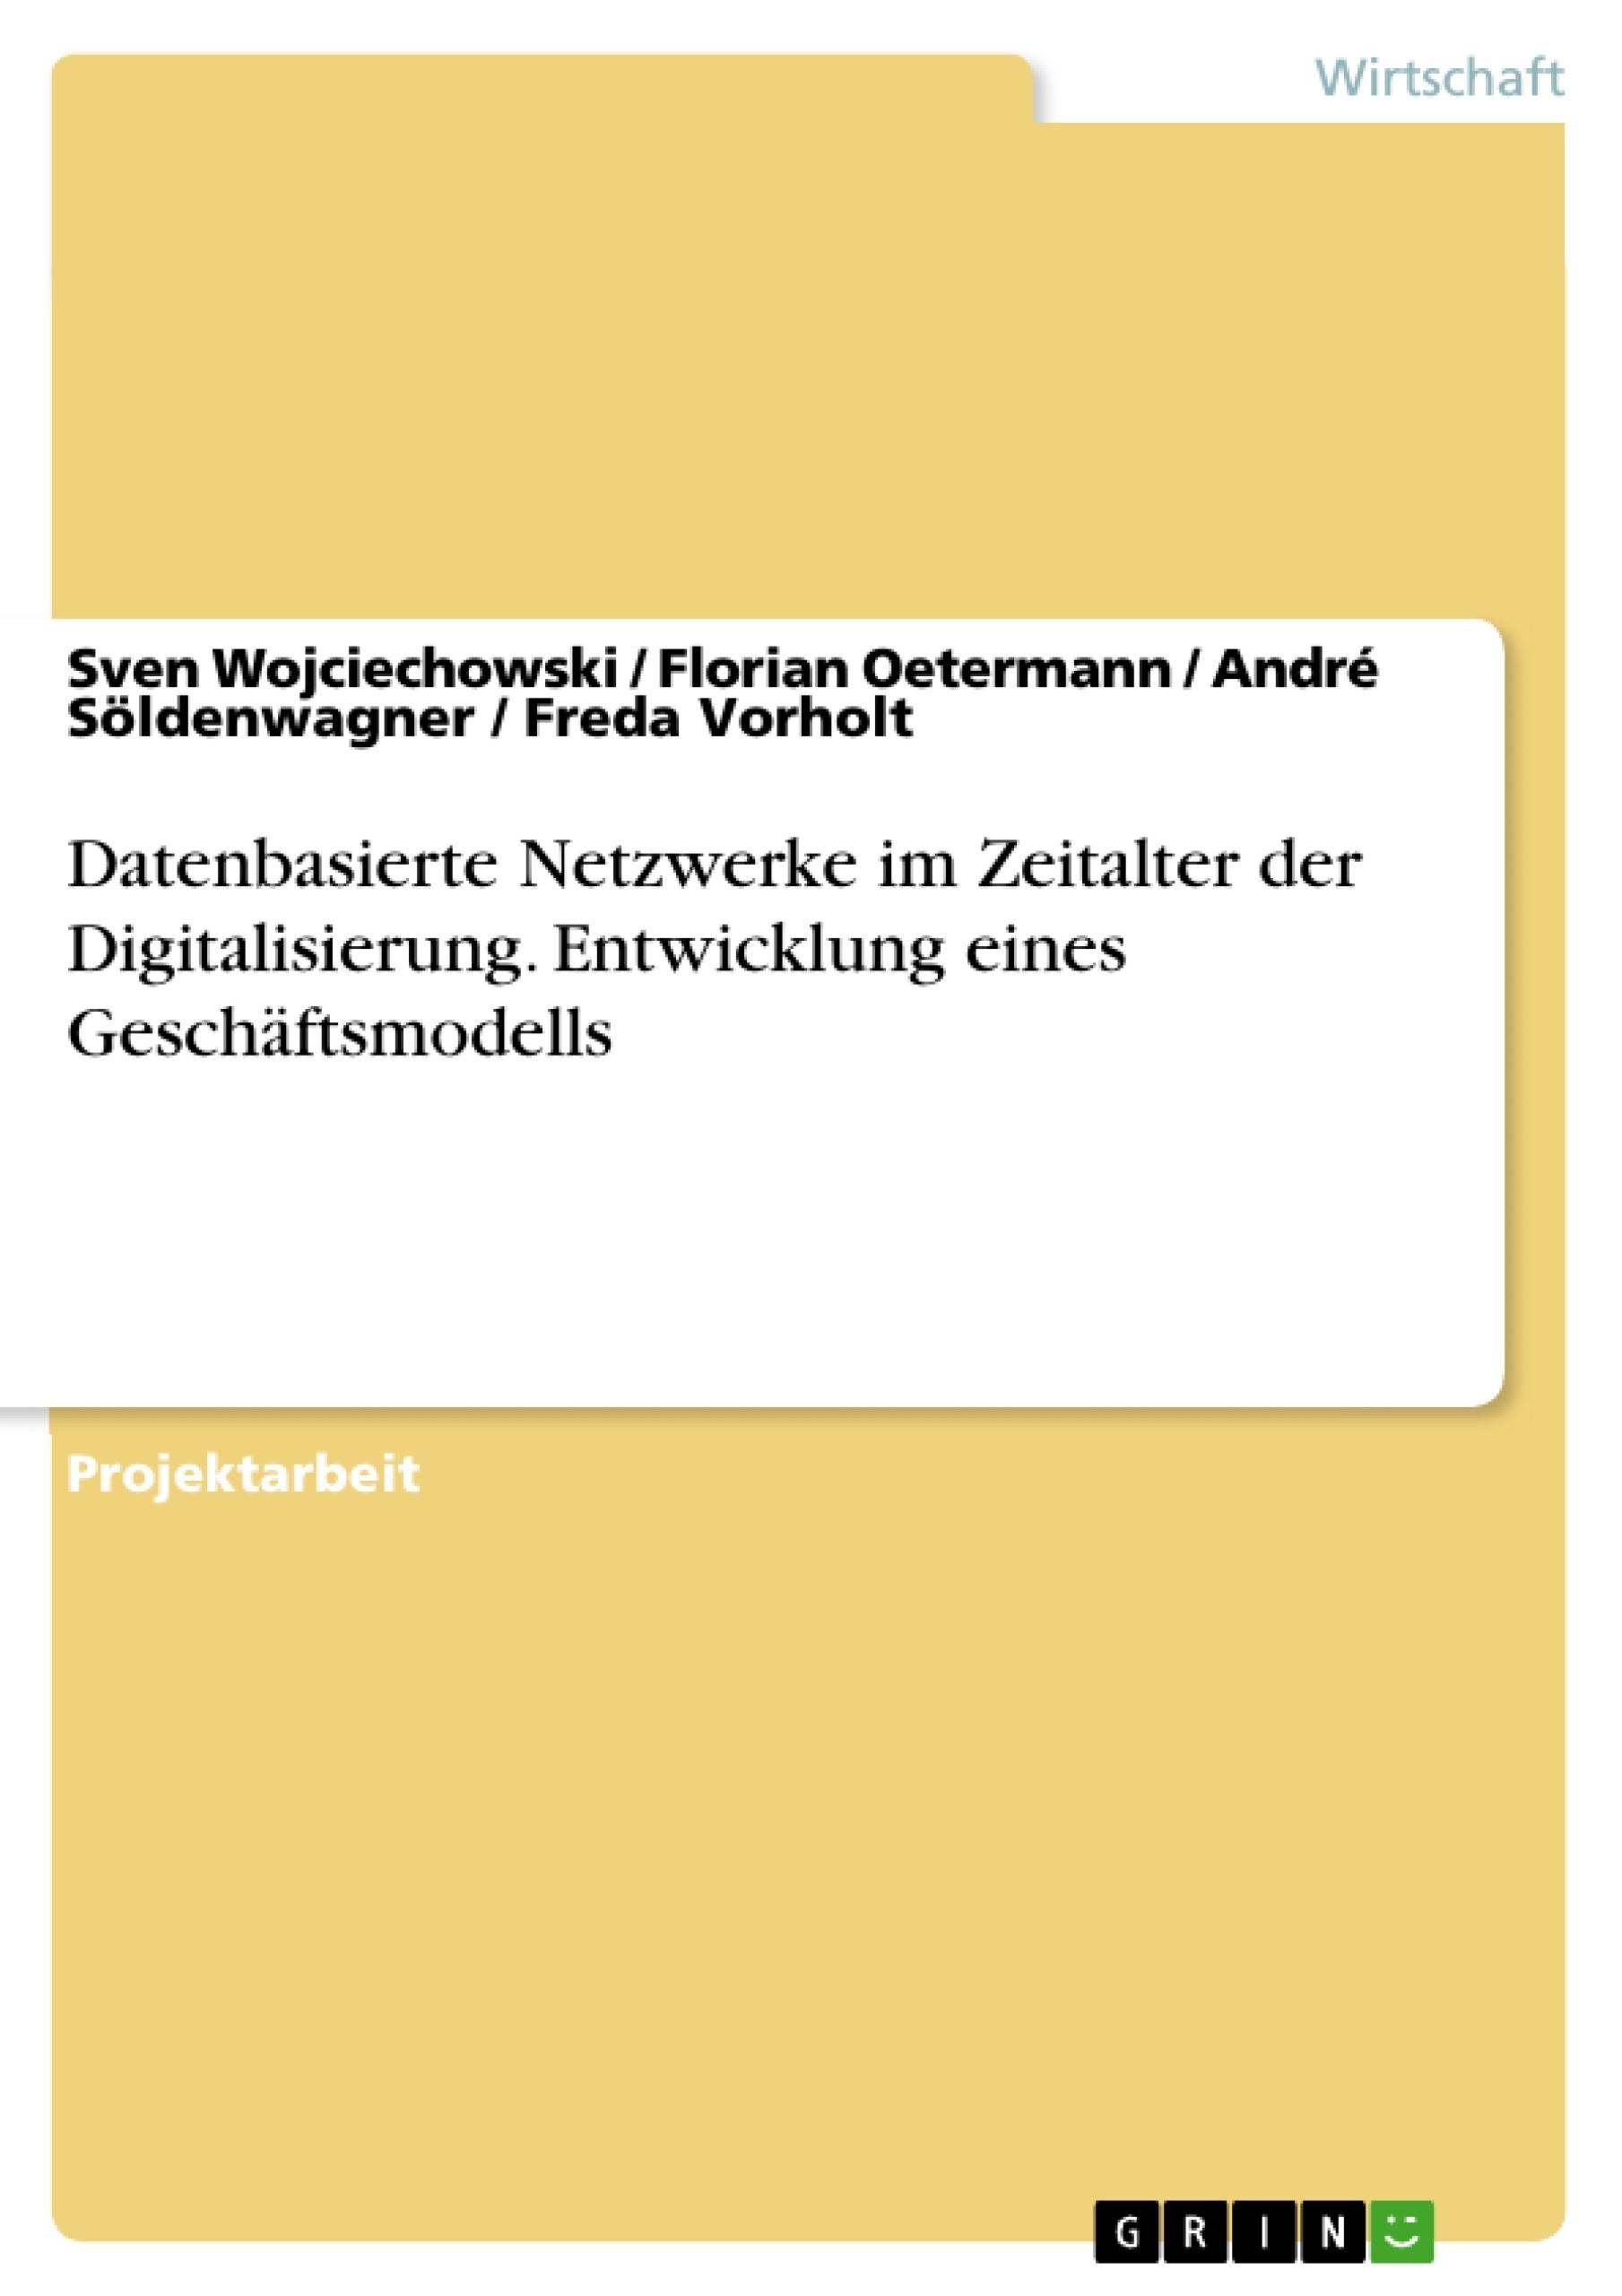 Titel: Datenbasierte Netzwerke im Zeitalter der Digitalisierung. Entwicklung eines Geschäftsmodells